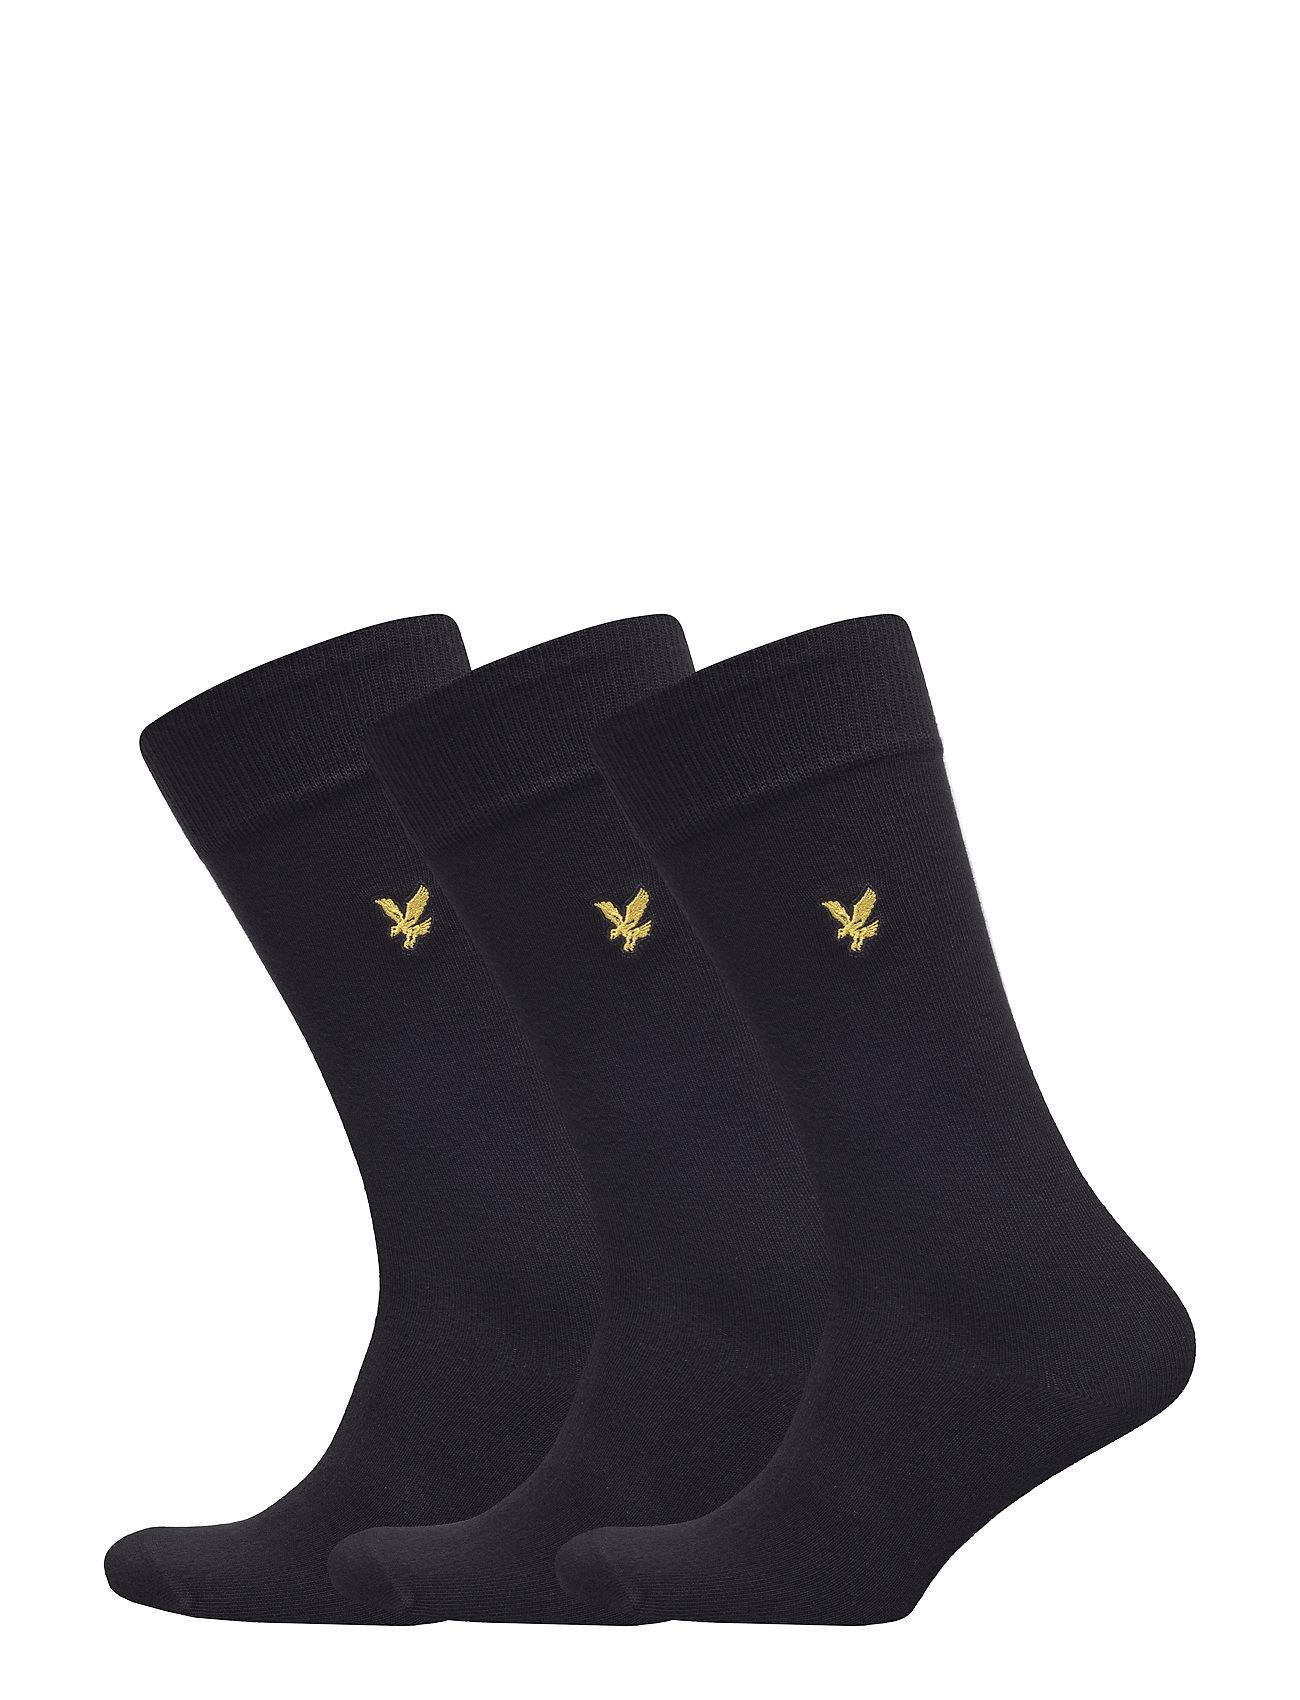 3 Pack Socks In Black Lyle & Scott Sokker til Herrer i